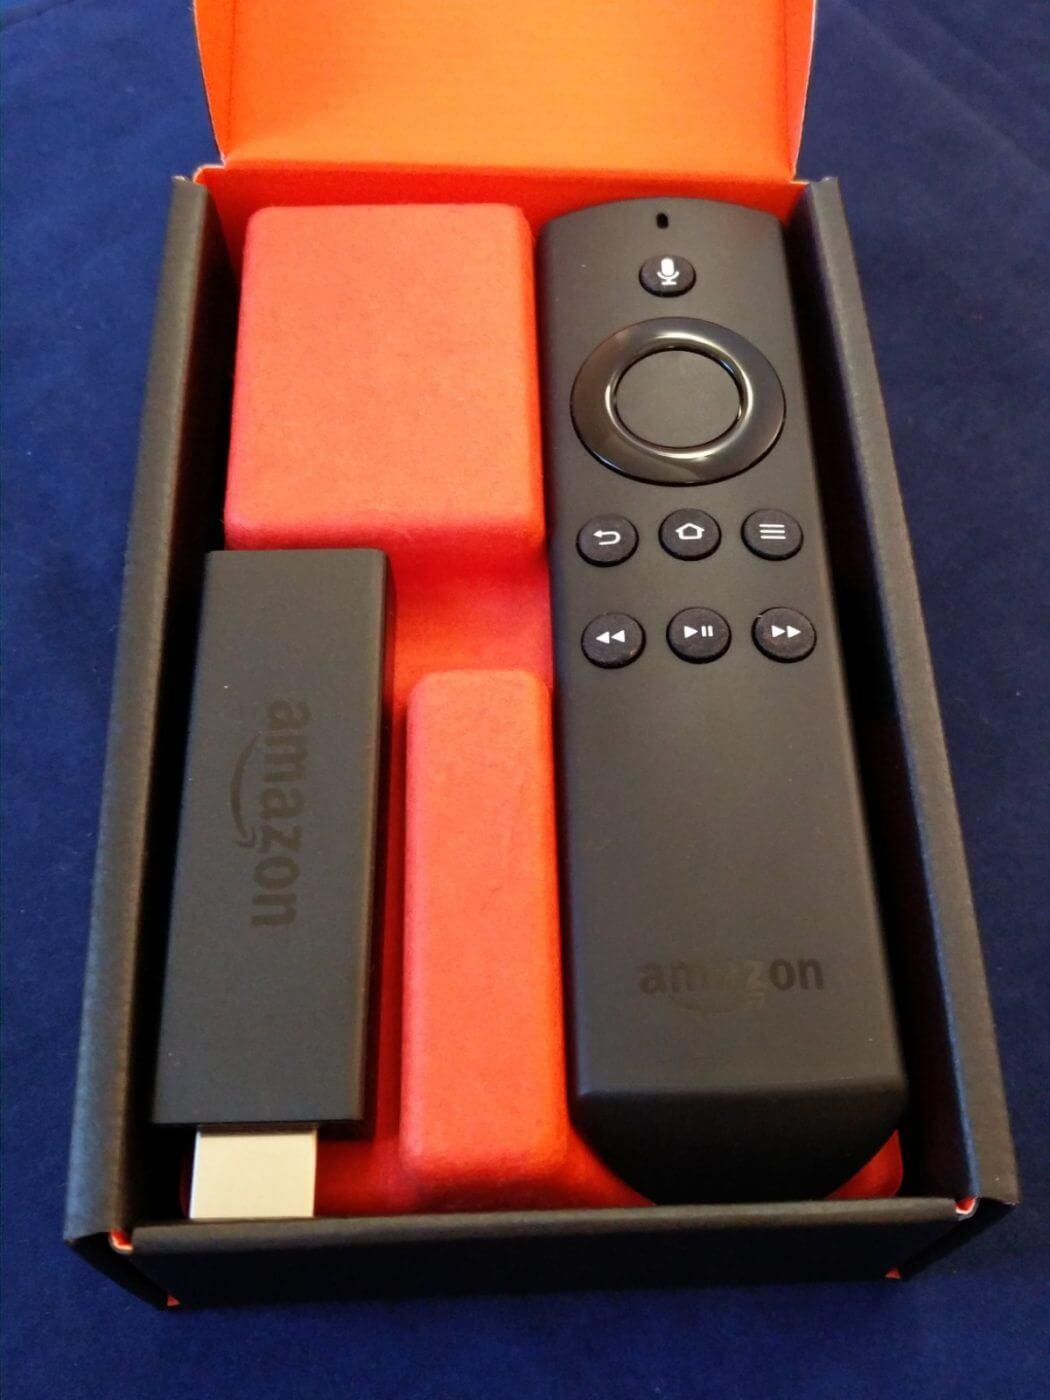 Fire TV Stick in Box